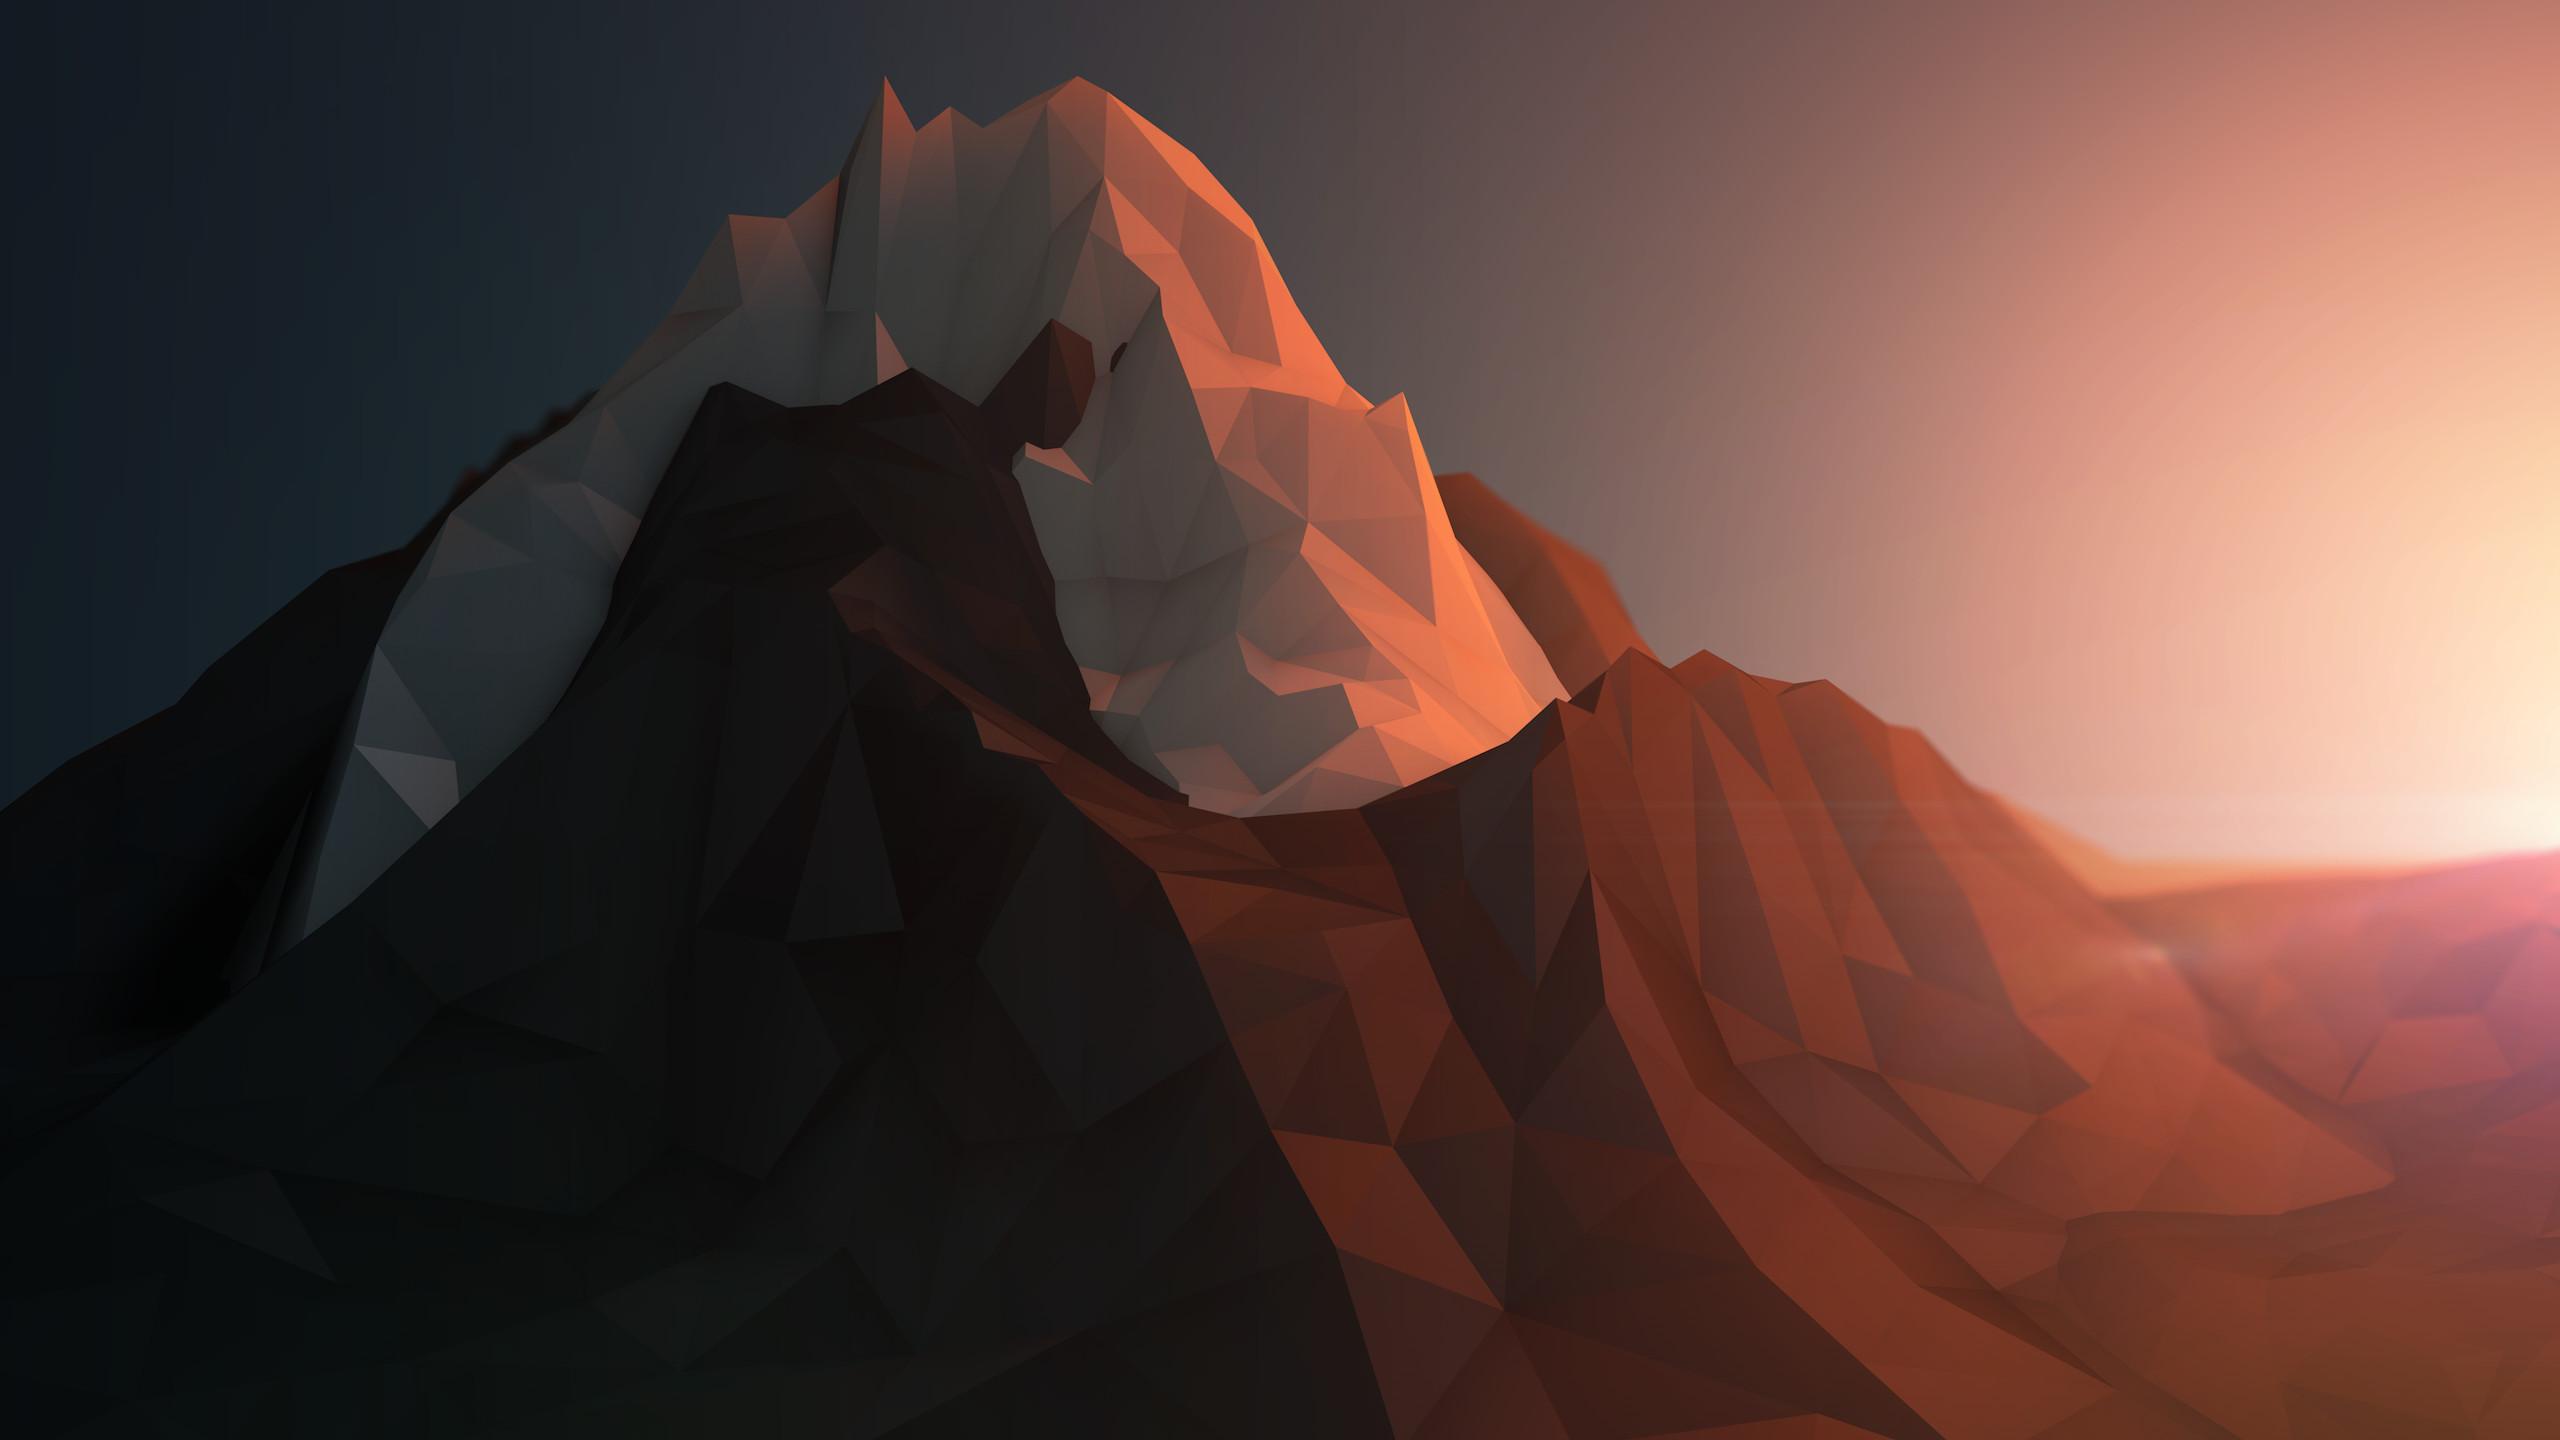 Low-poly mountains wallpaper, low polygons, geometric wallpaper .